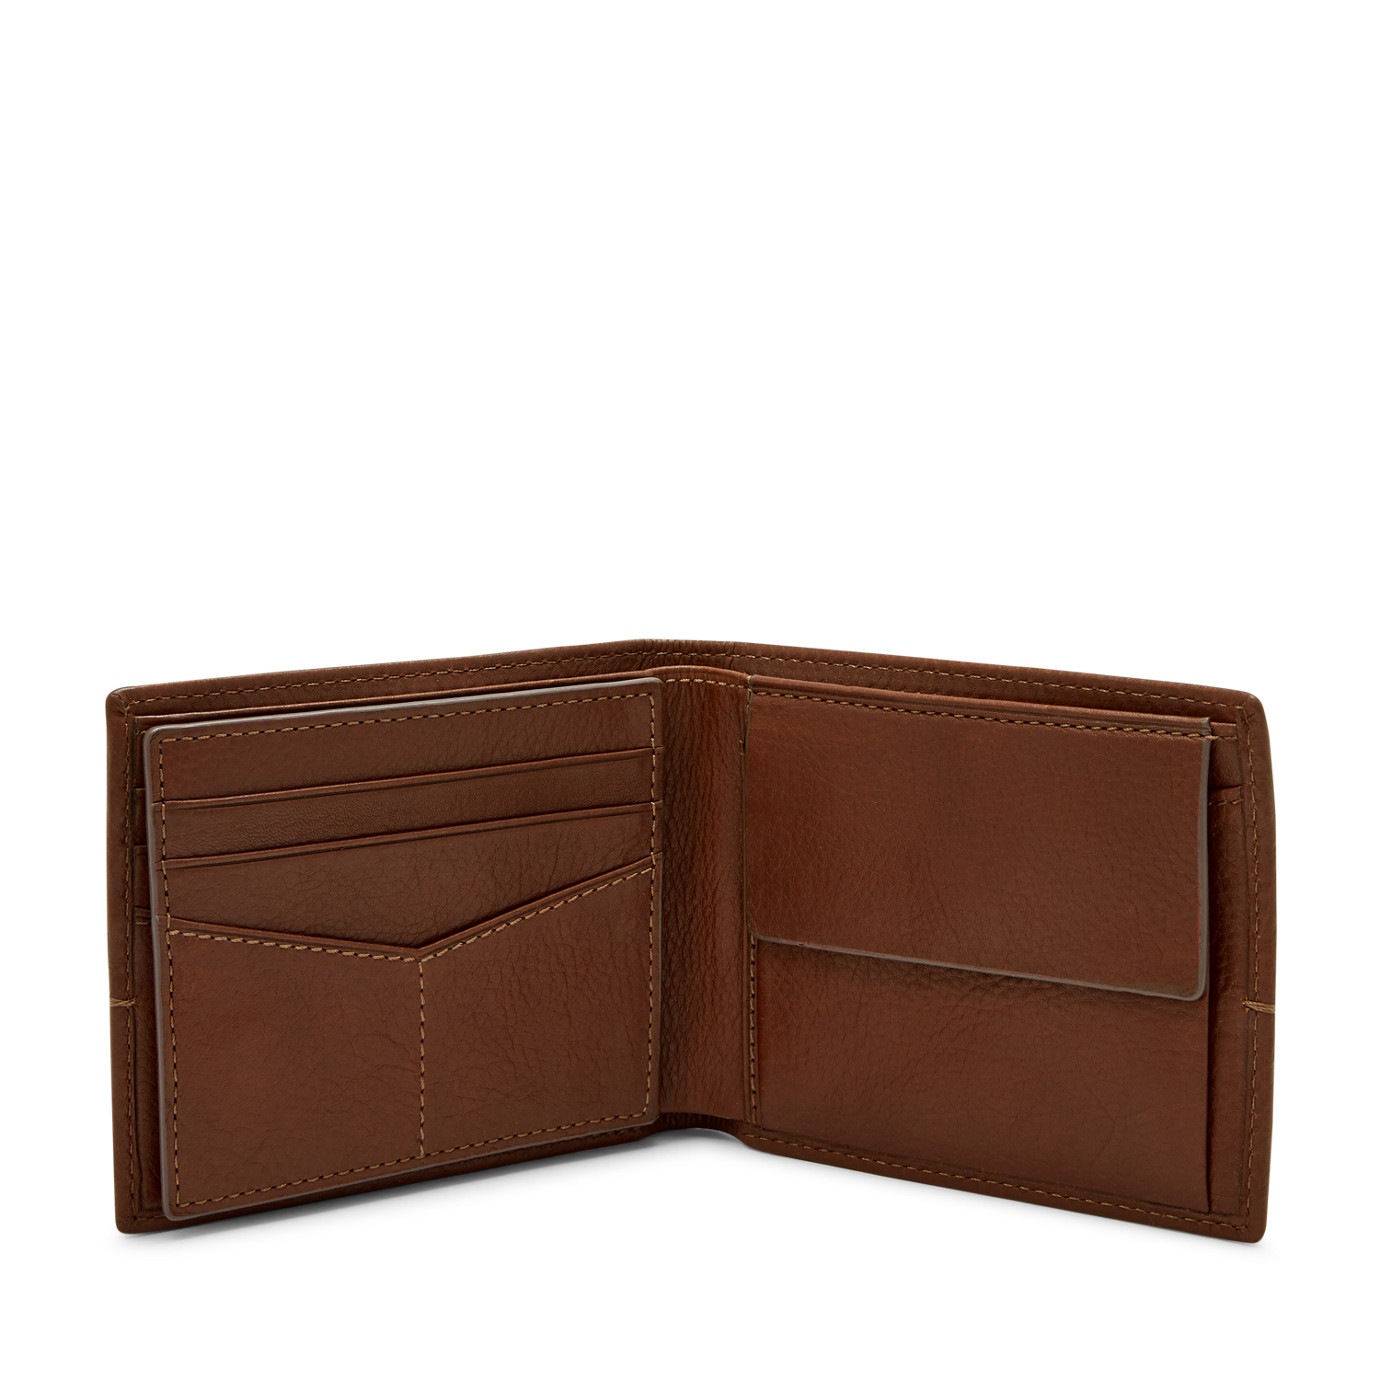 Roger Large Coin Pocket Bifold